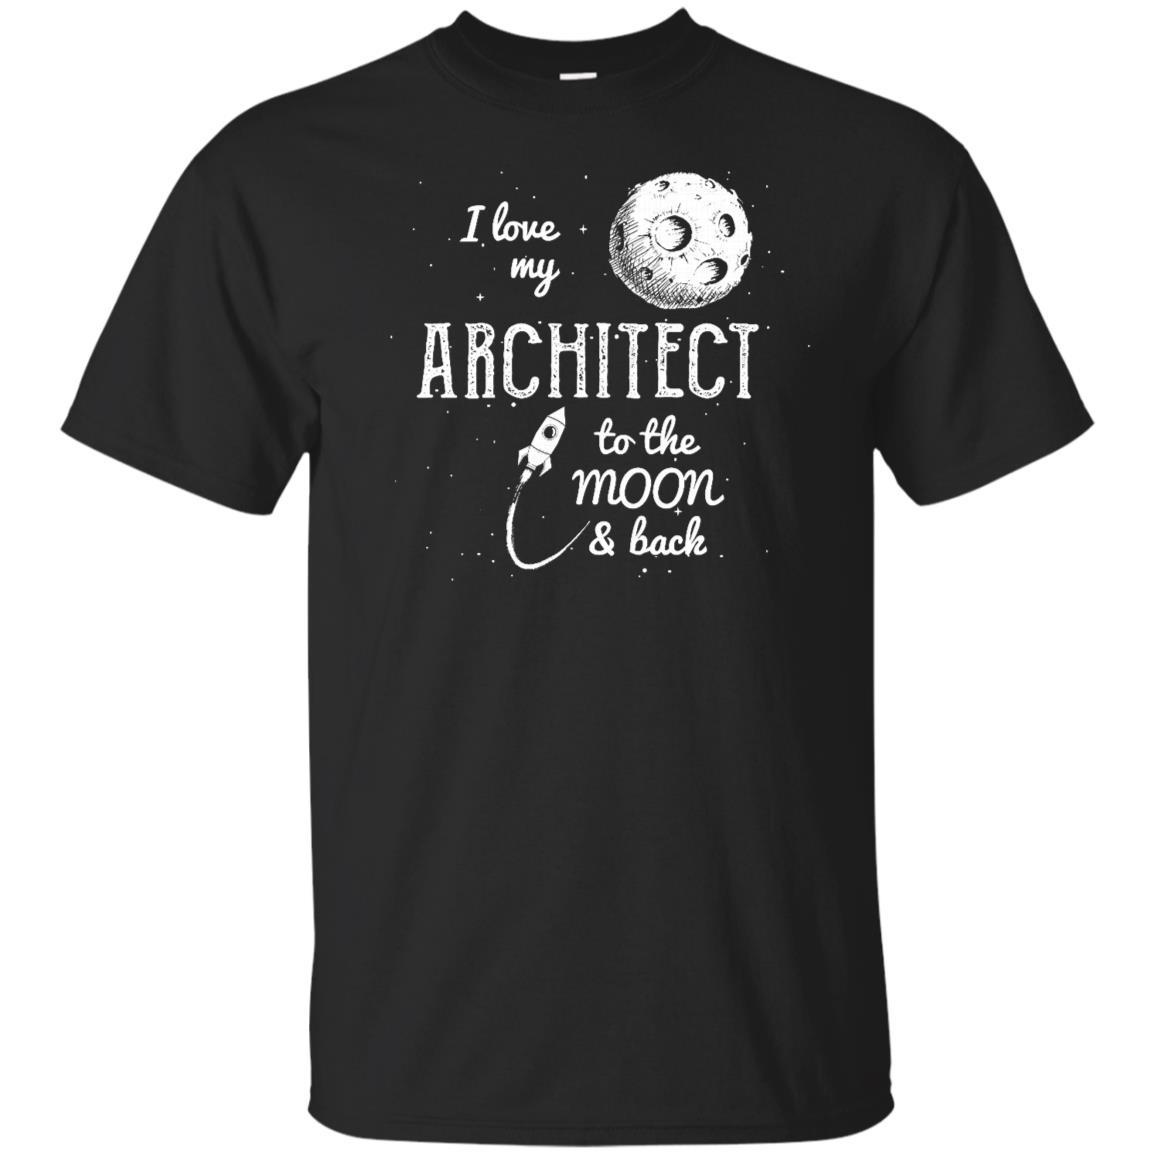 I Love My Architect Unisex Short Sleeve